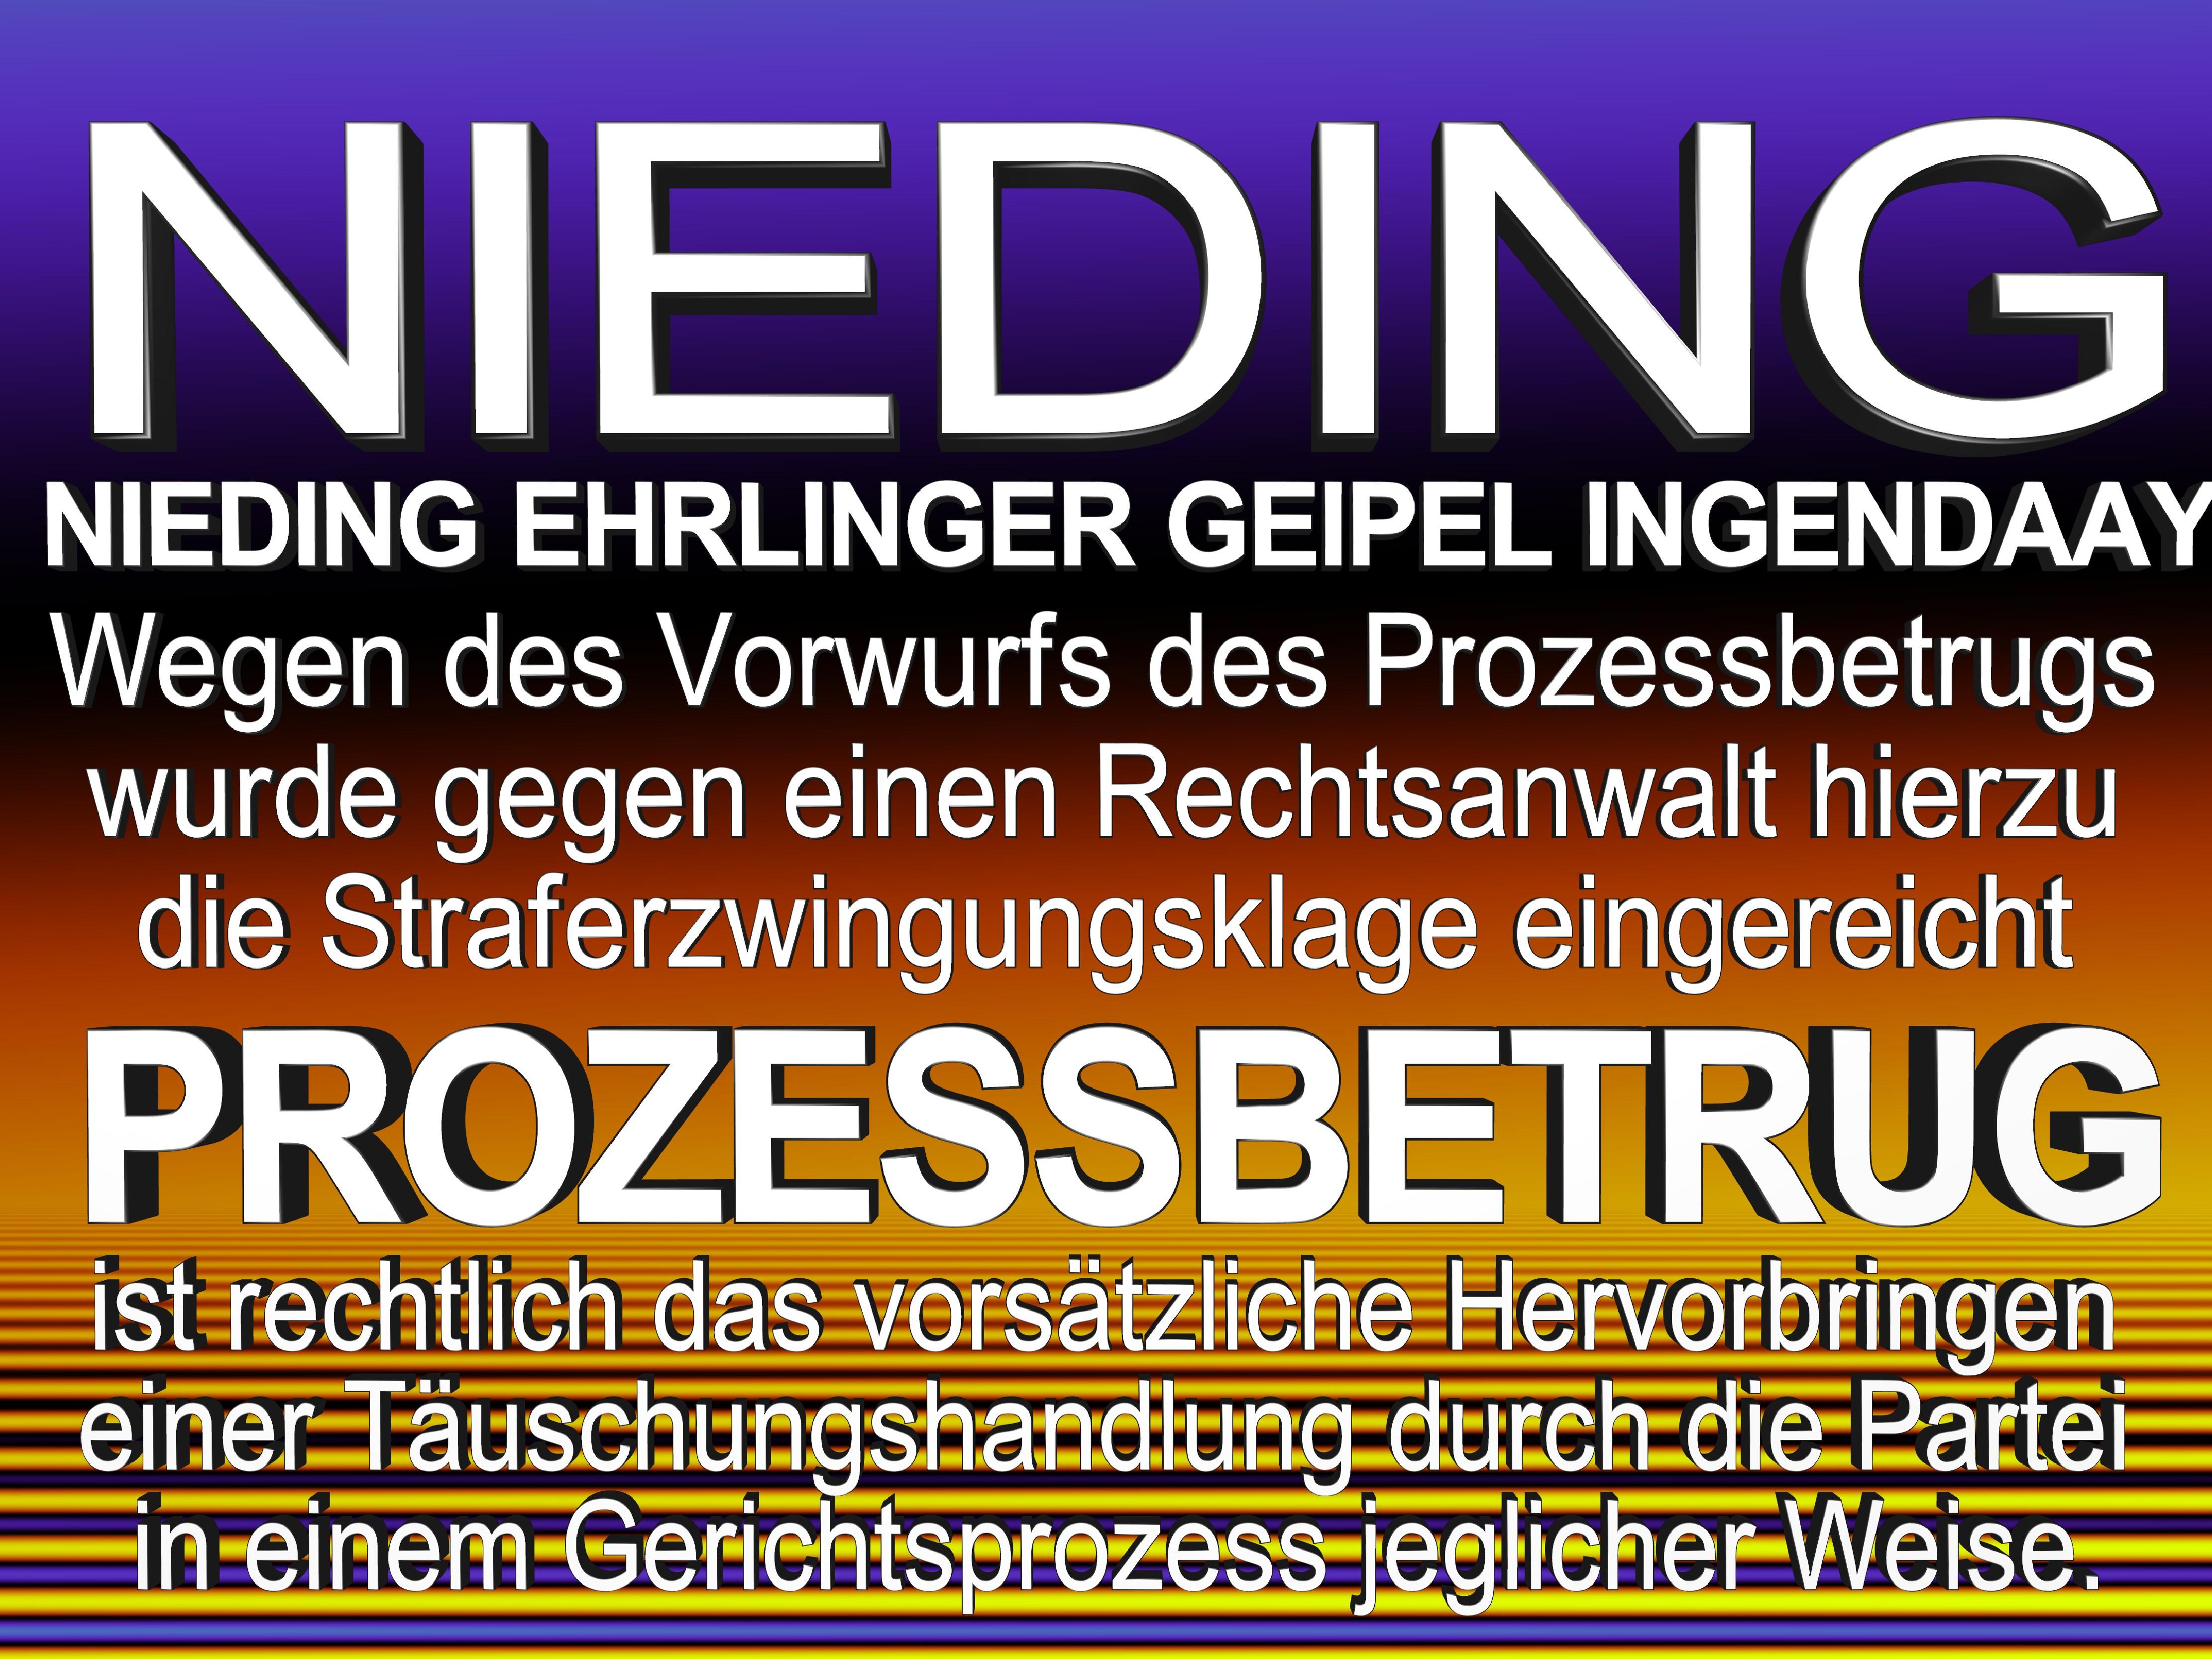 NIEDING EHRLINGER GEIPEL INGENDAAY LELKE Kurfürstendamm 66 Berlin (153)